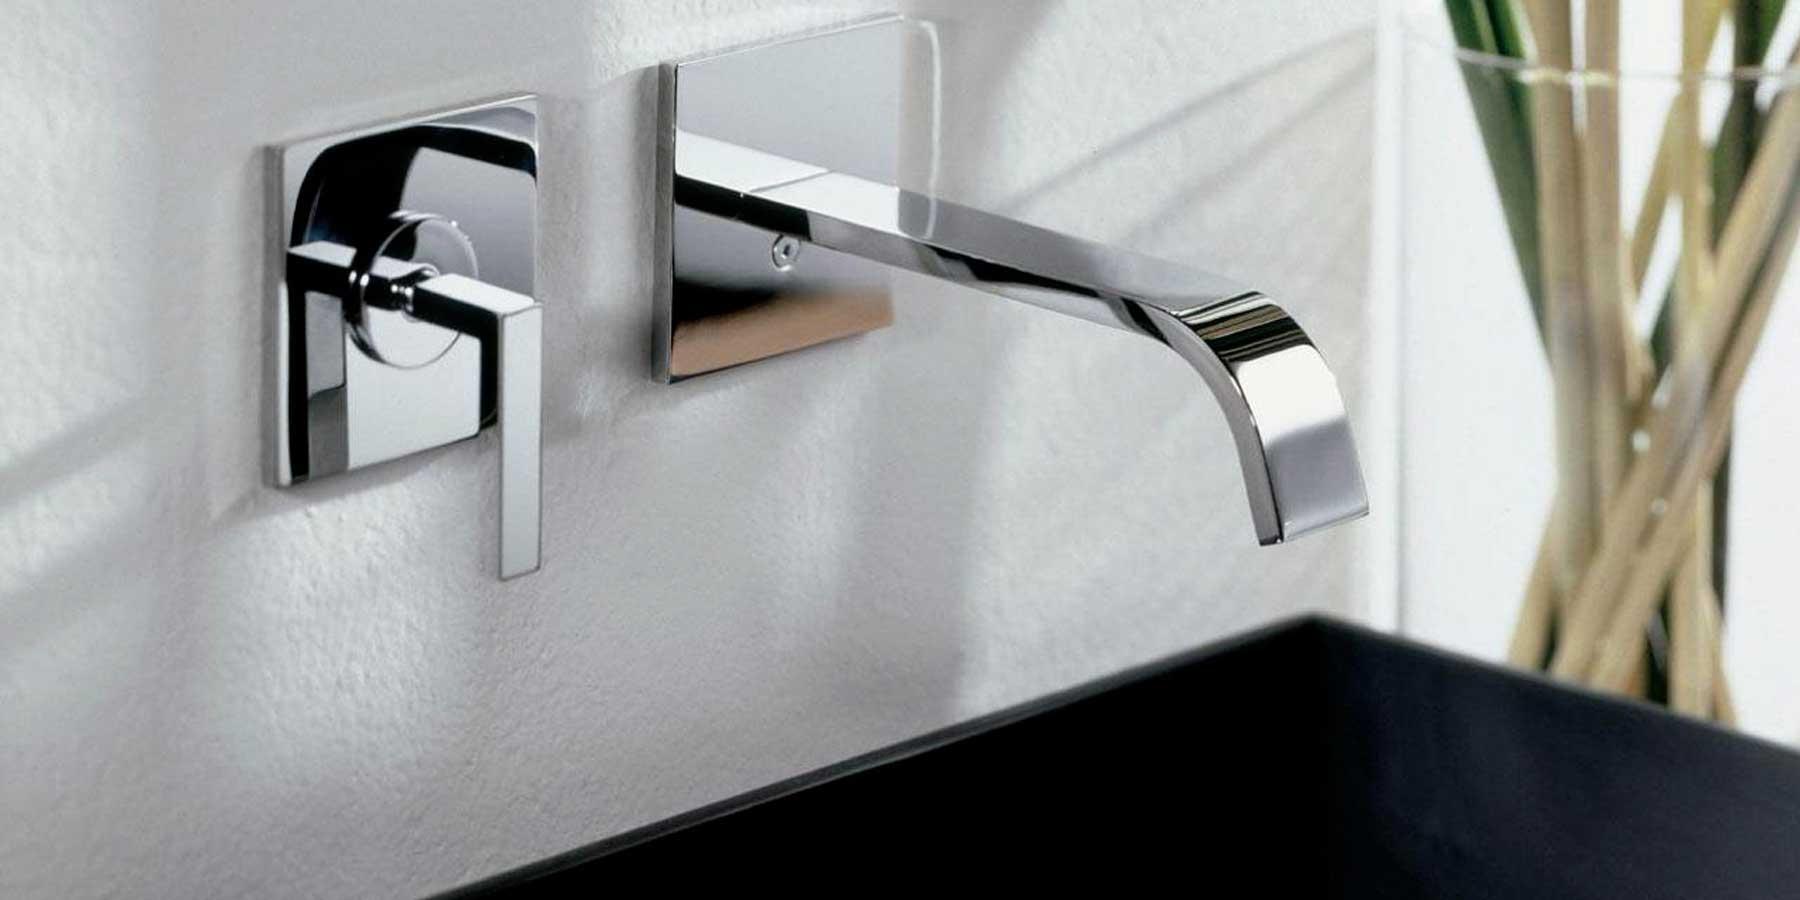 Rubinetteria da bagno: occhio a funzionalità e design